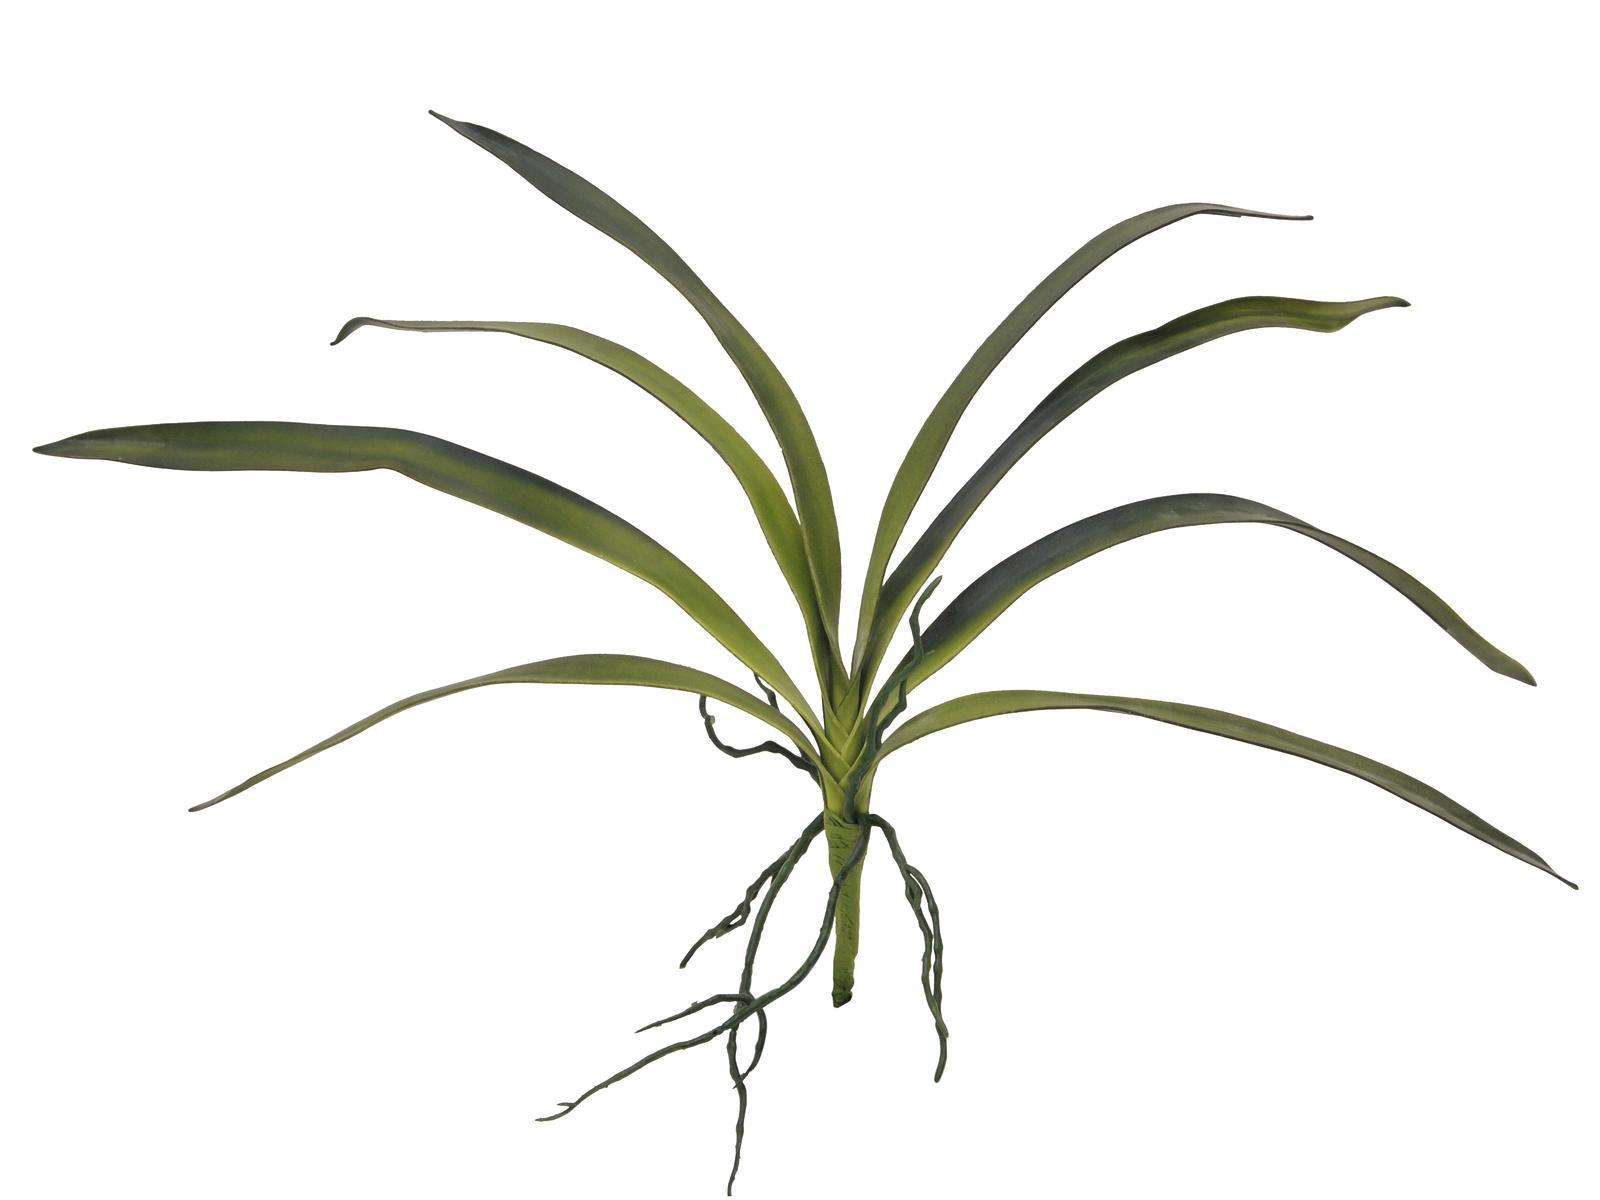 Kunstig  Orkidé Blade, Grøn, 45cm